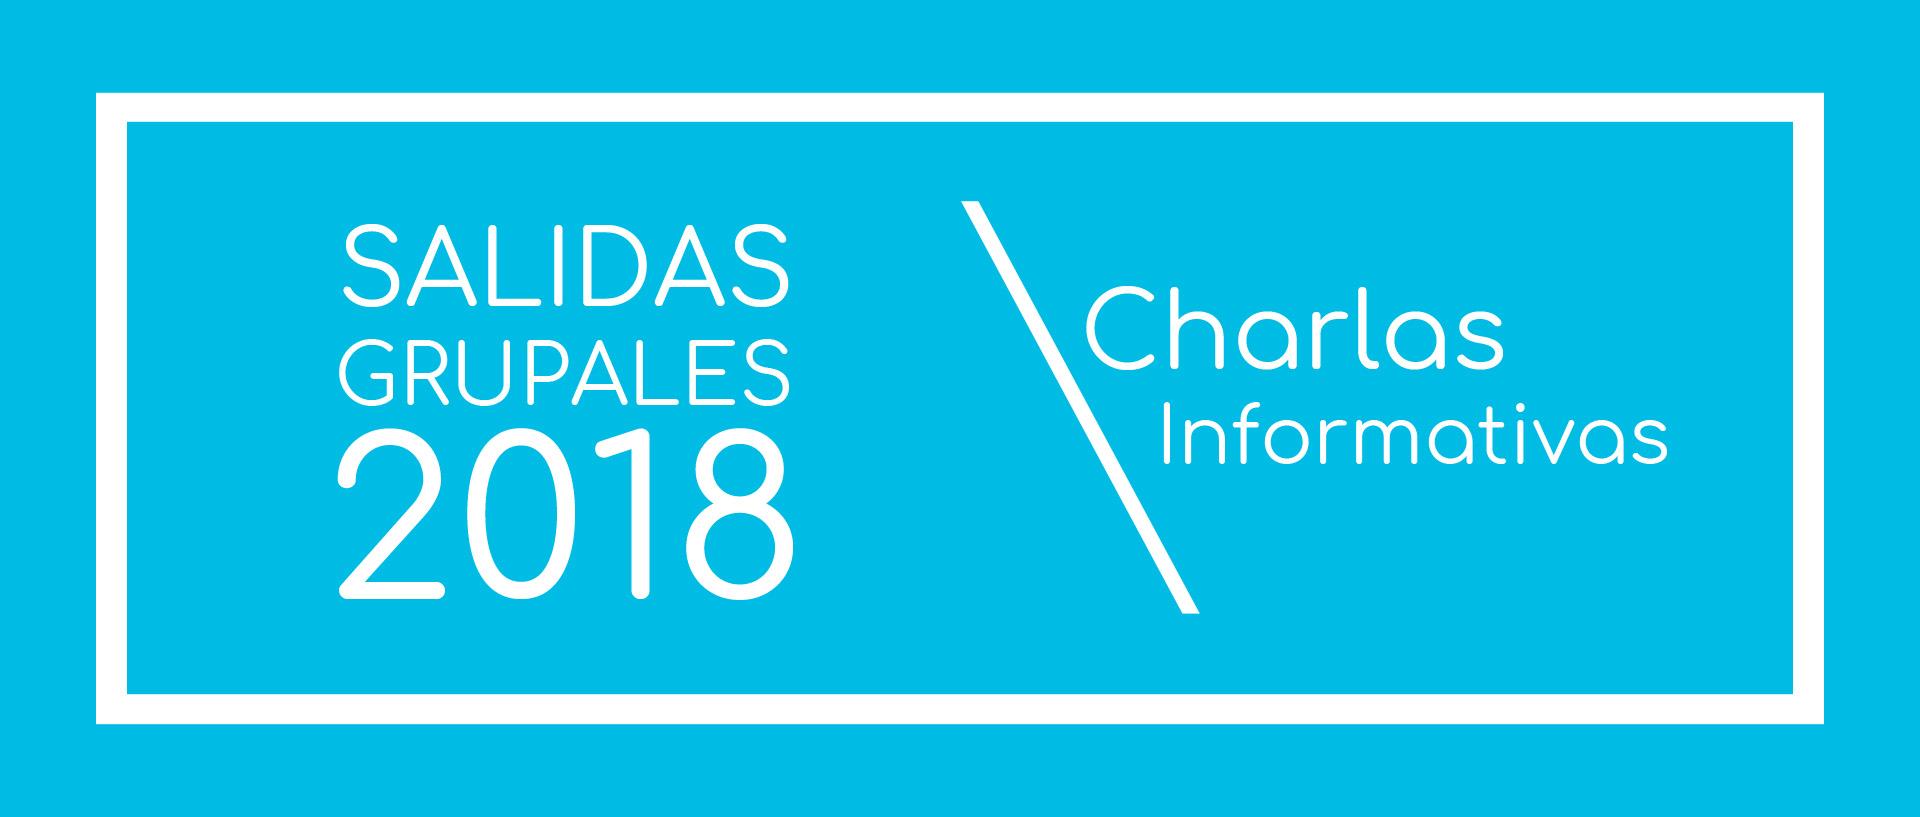 Charlas Salidas Grupales 2018